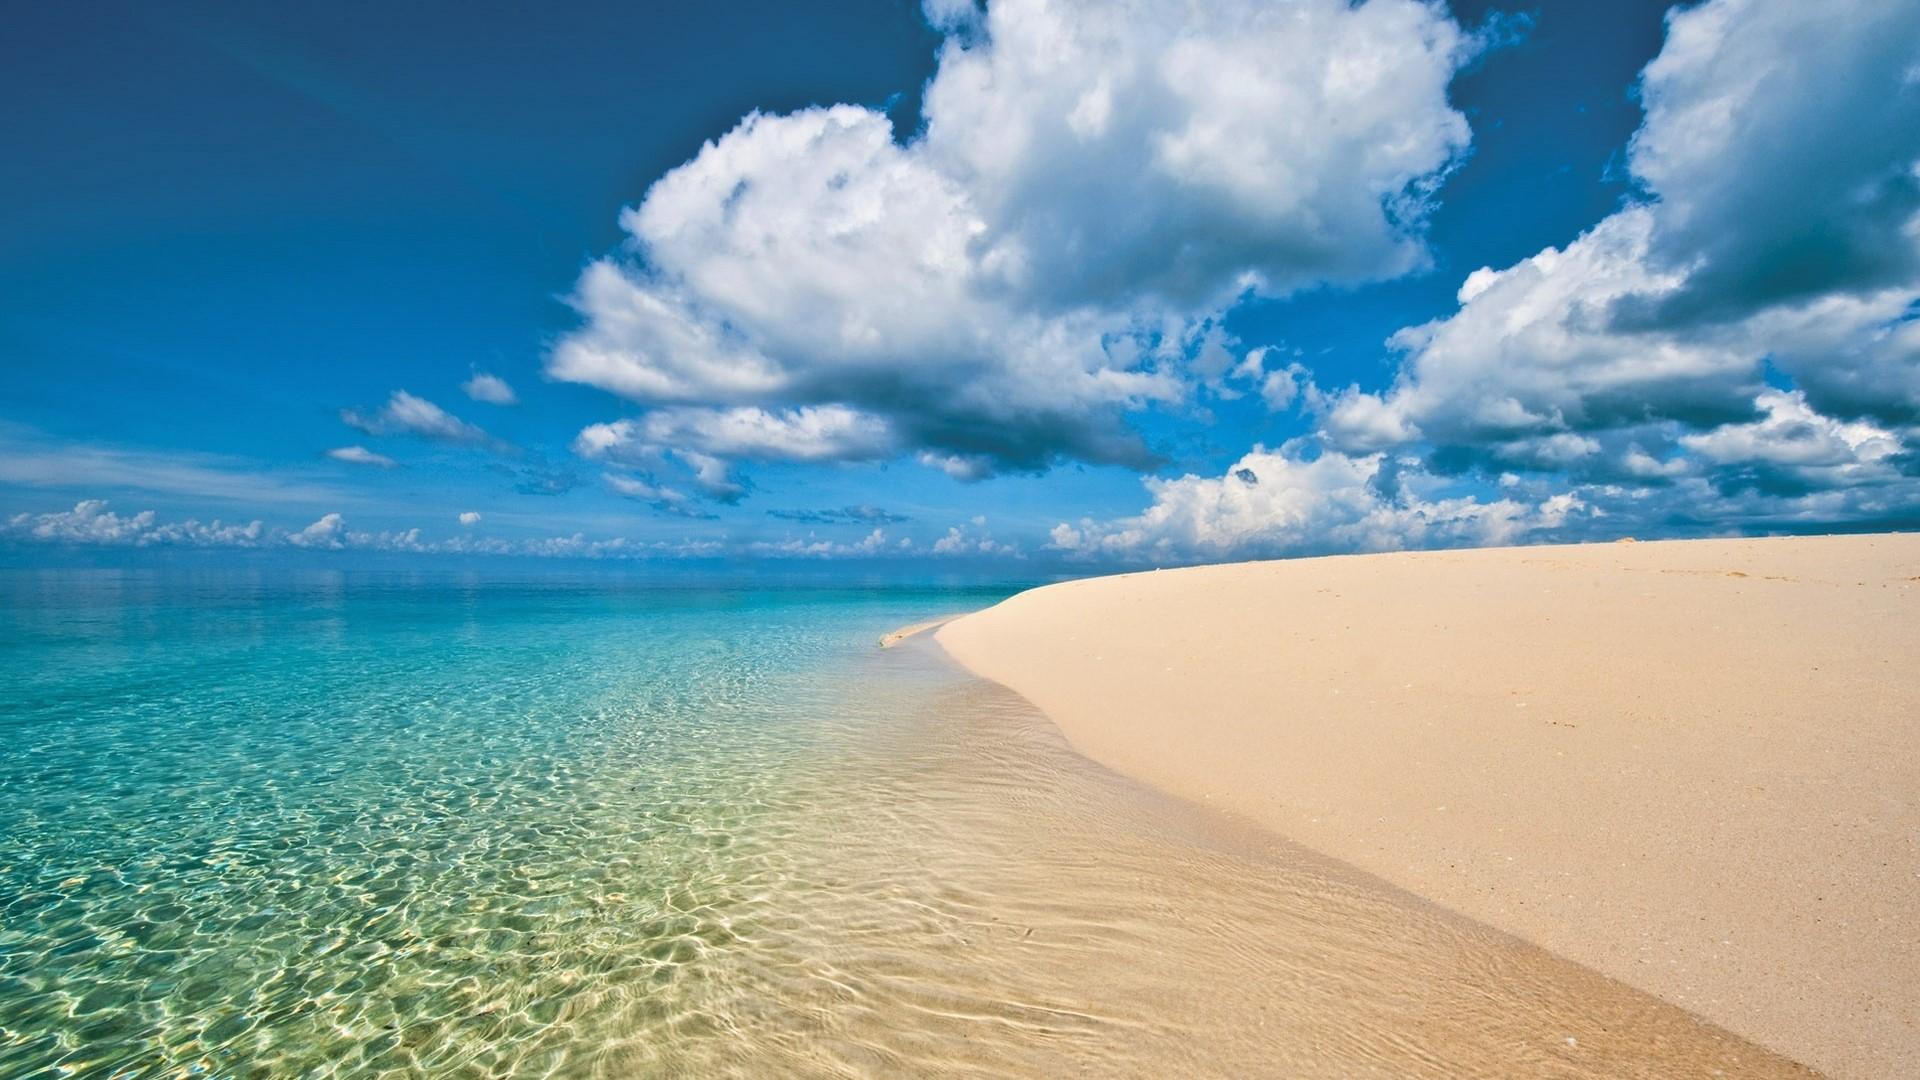 Tropical Beach Full HD Fondo De Pantalla And Fondo De